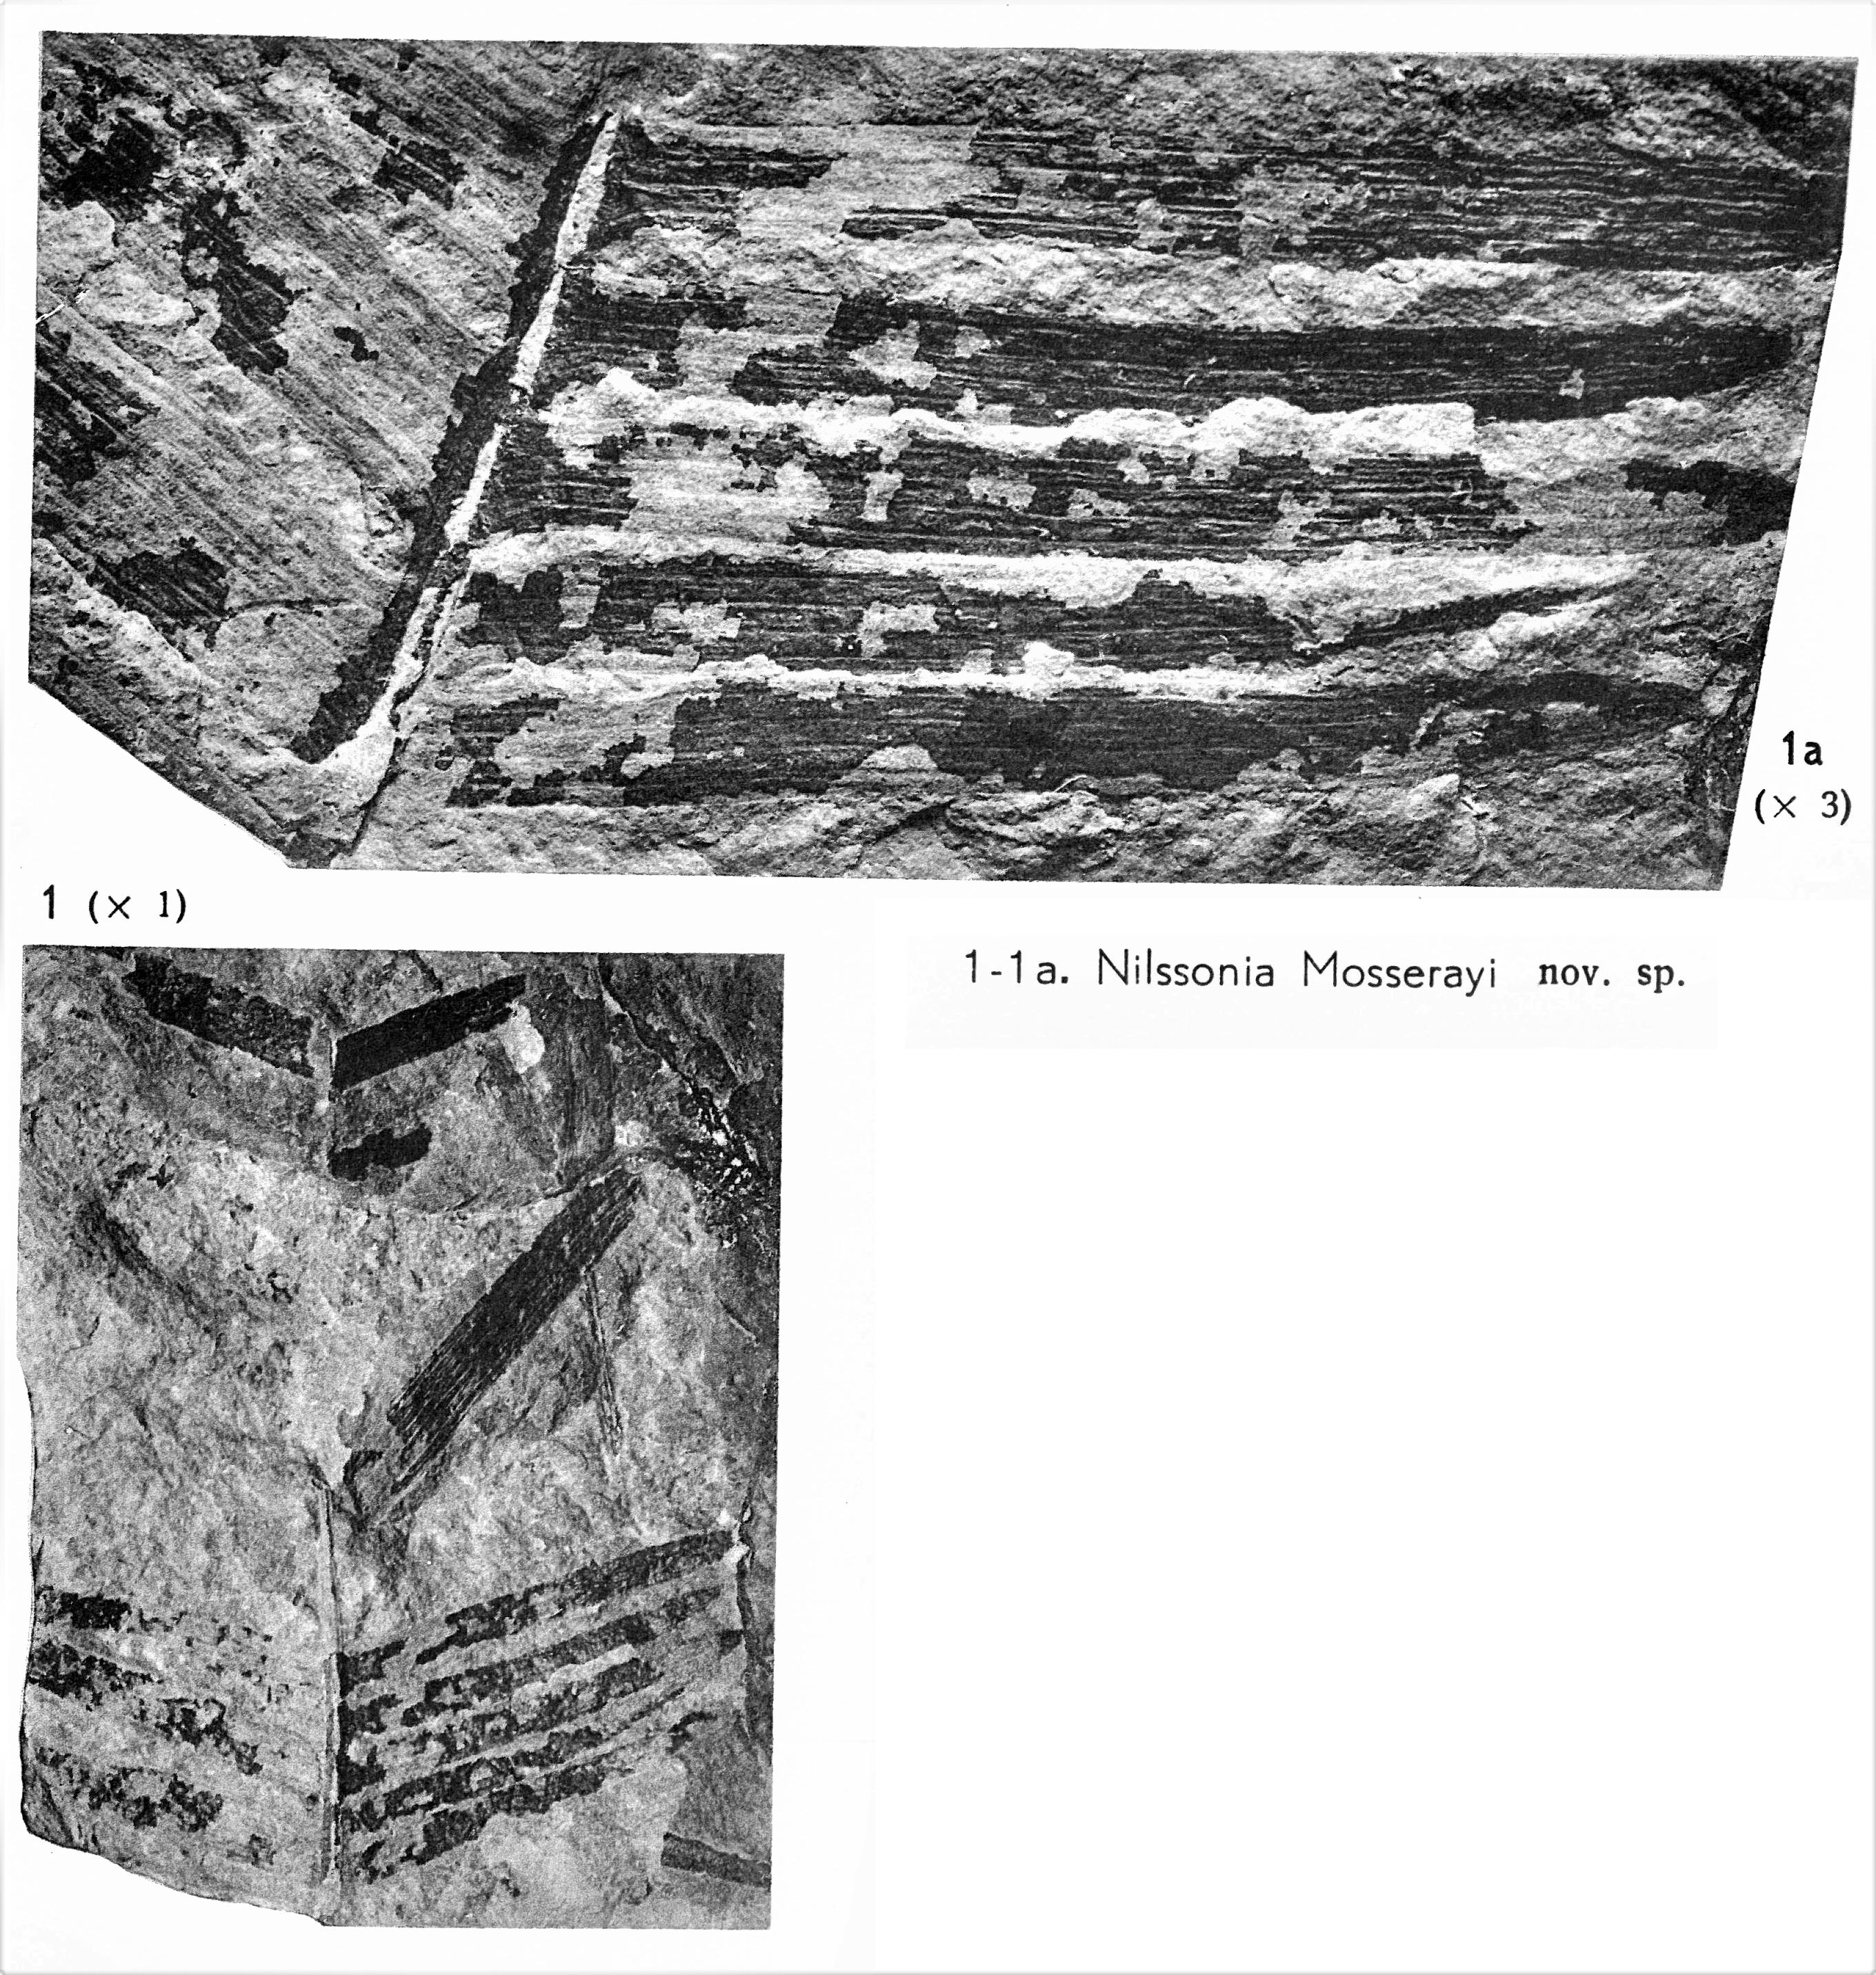 Pl. V ; Fig 1, 1a